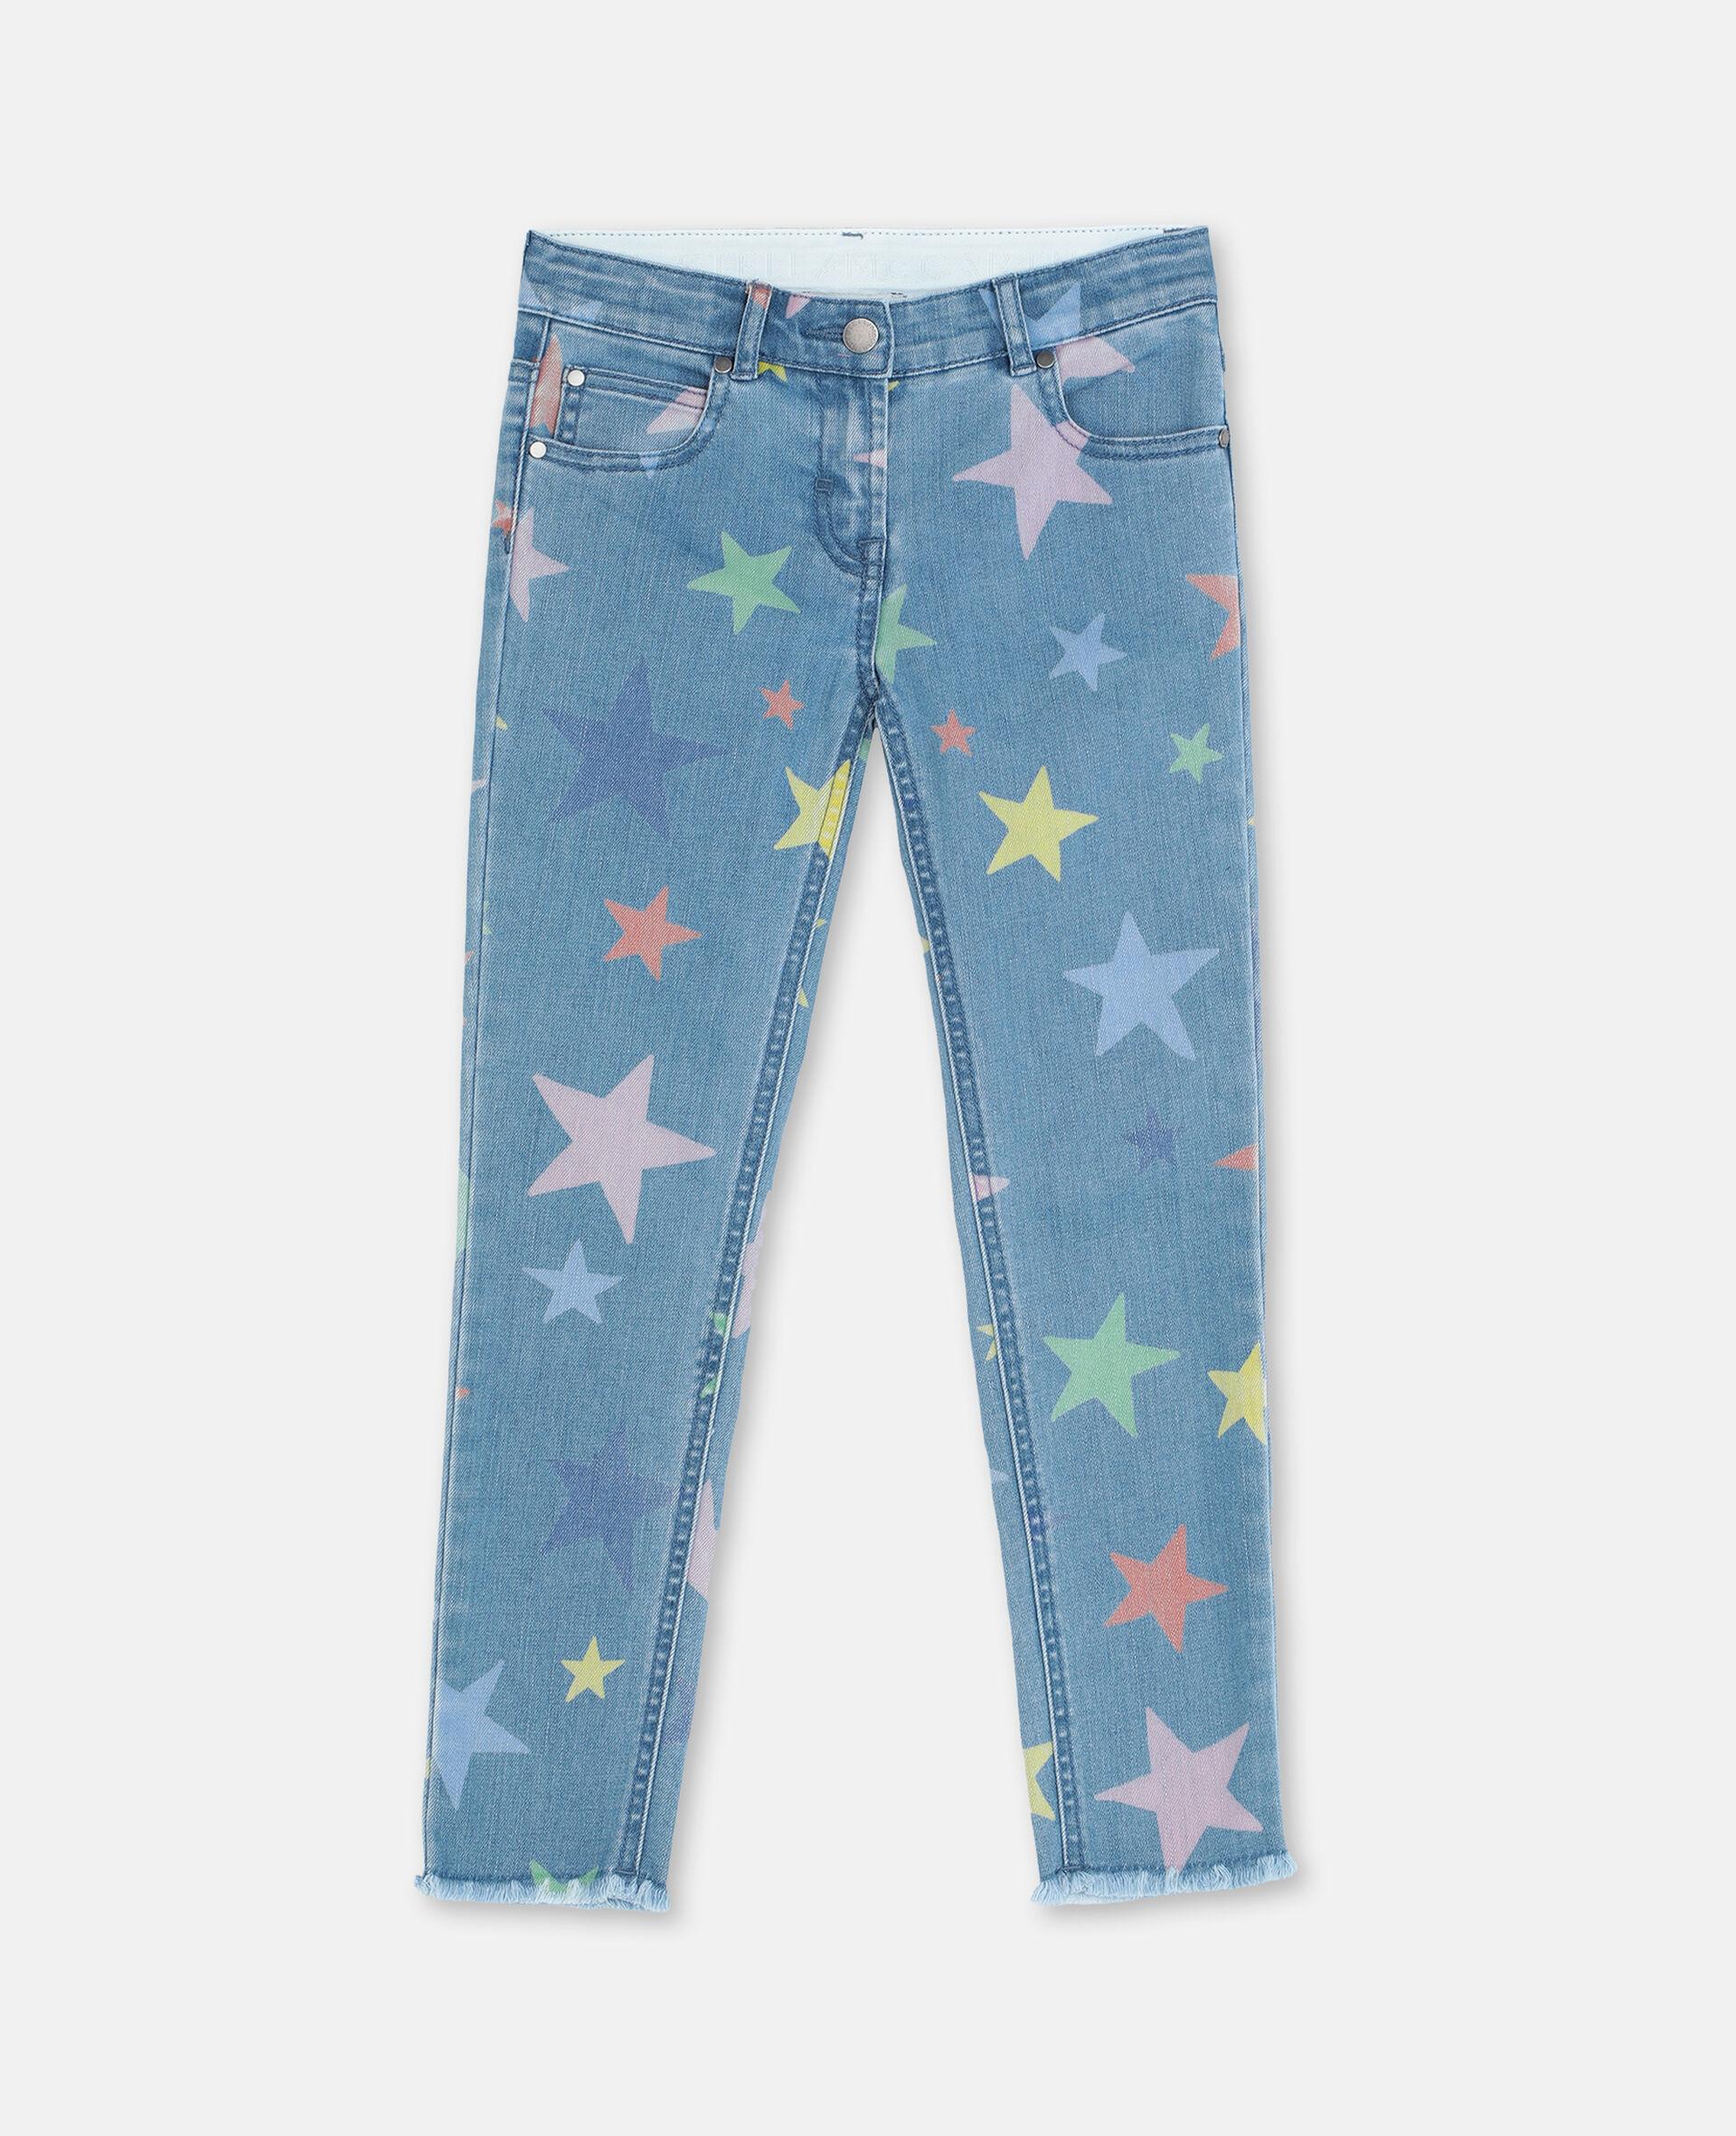 Pantalon en denim skinny avec étoiles multicolores-Fantaisie-large image number 0